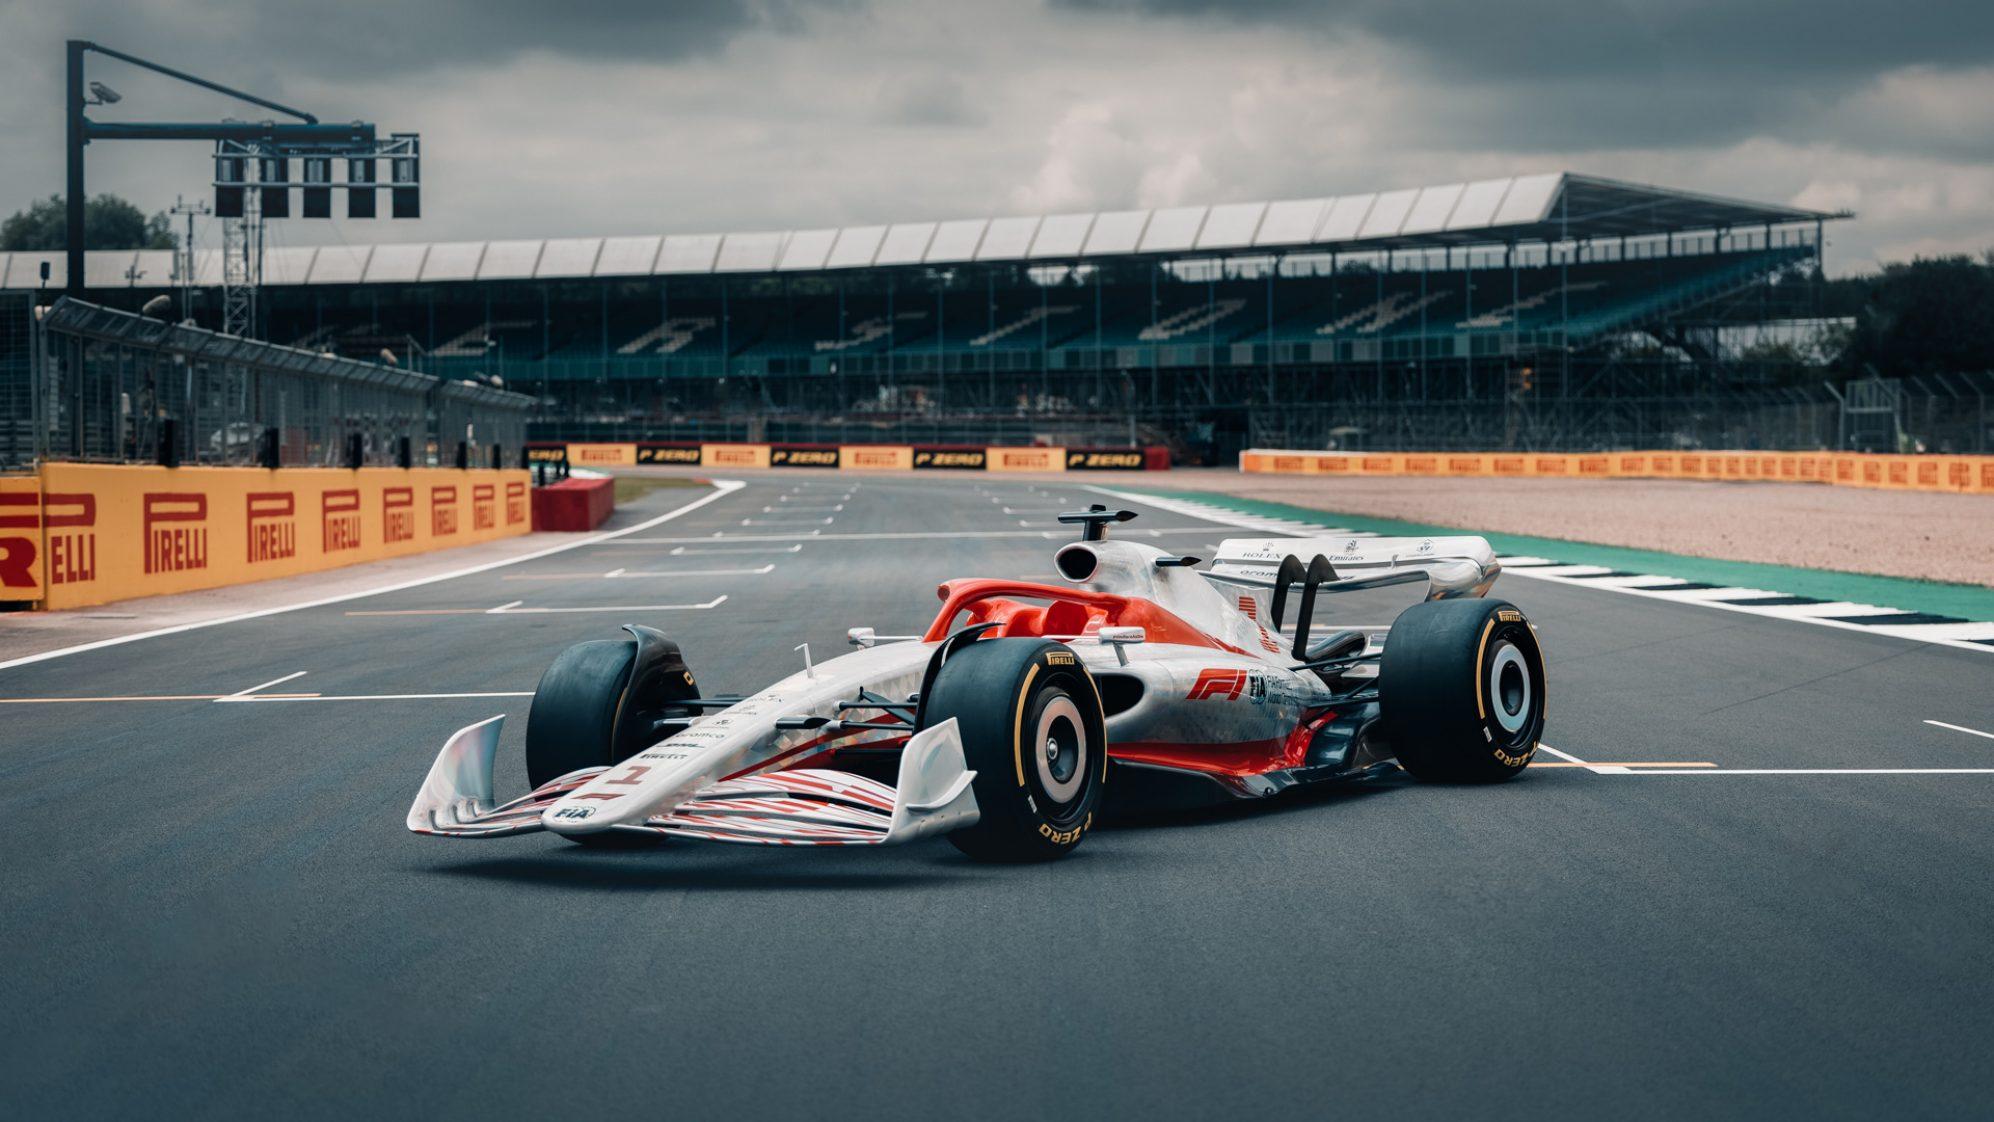 2022新规之下的F1长这样!下赛季新车模型发布